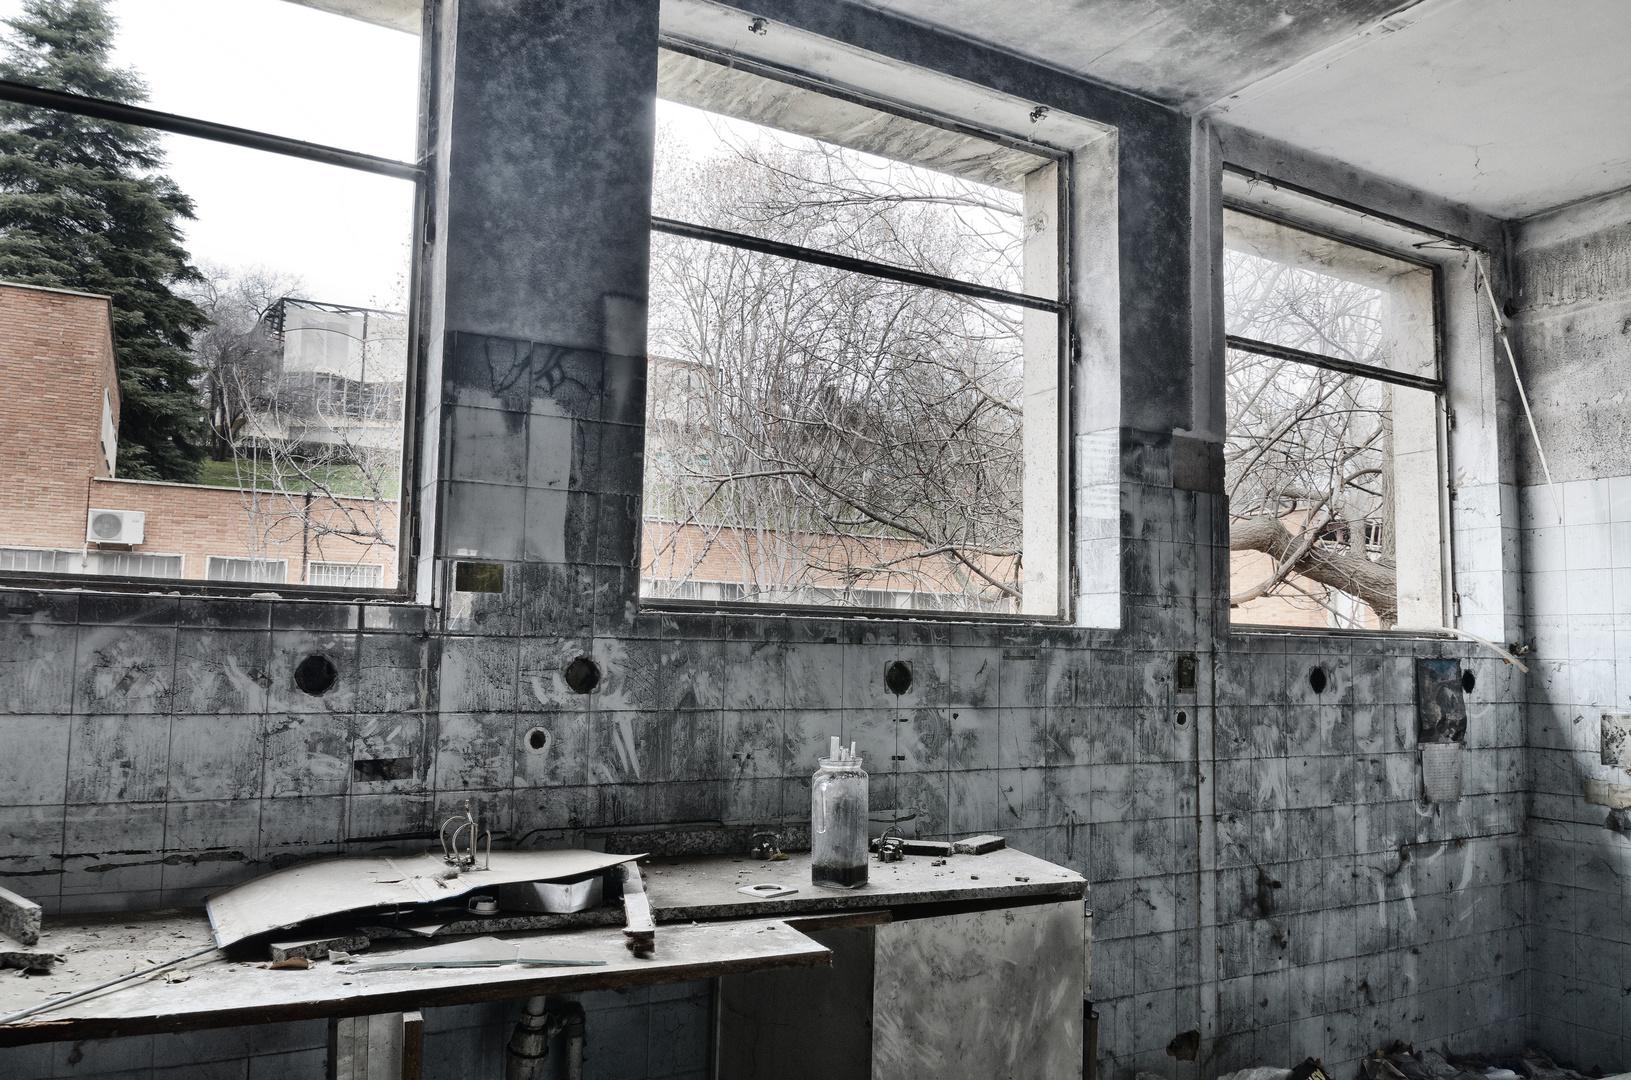 Laboratorio abandonado